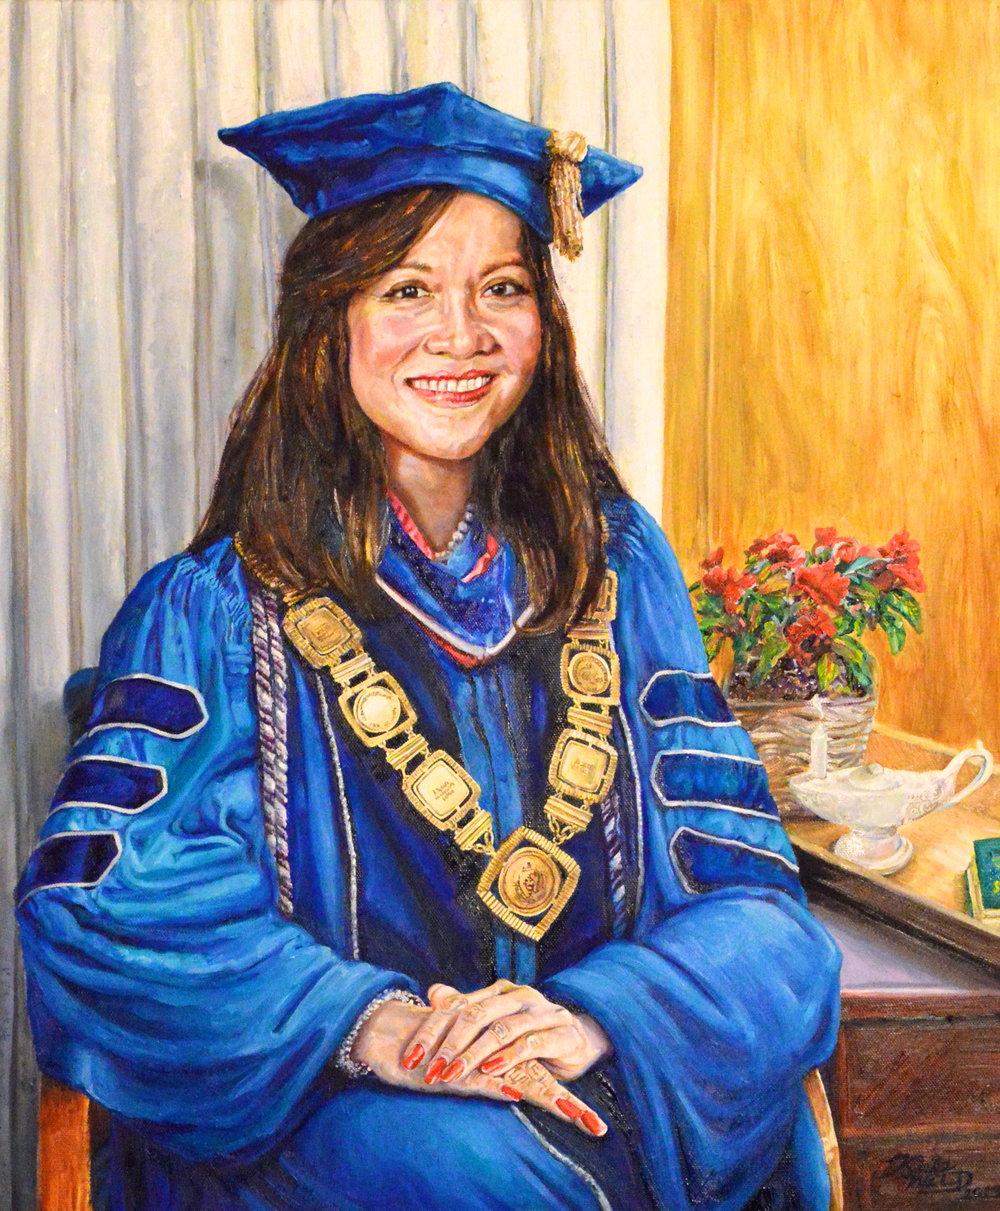 Chancellor Divina Grossman